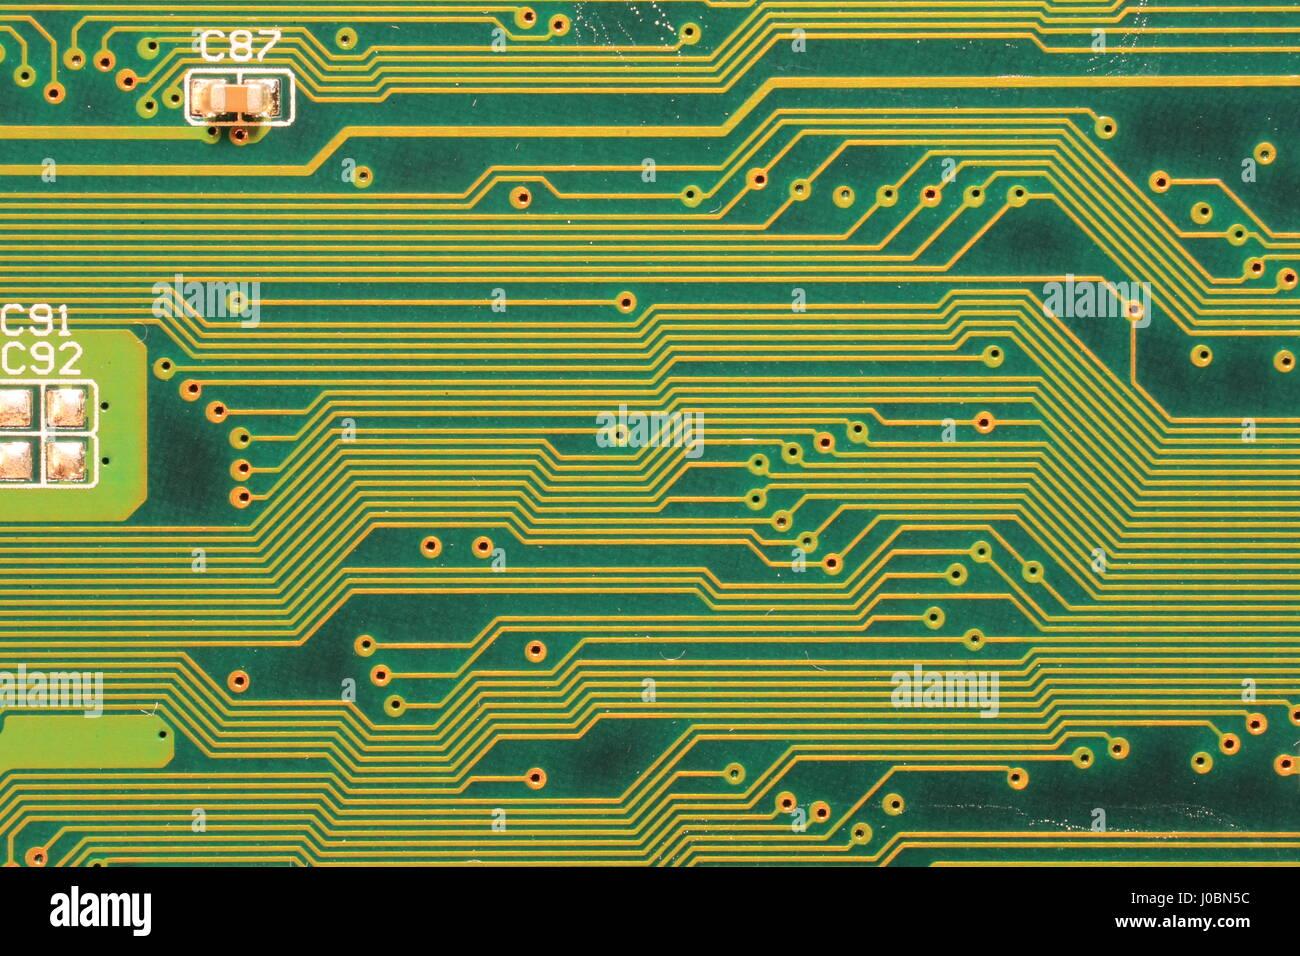 High Tech Computer Placa de circuito impreso (PCB), mostrando de cerca el detalle de los circuitos Imagen De Stock